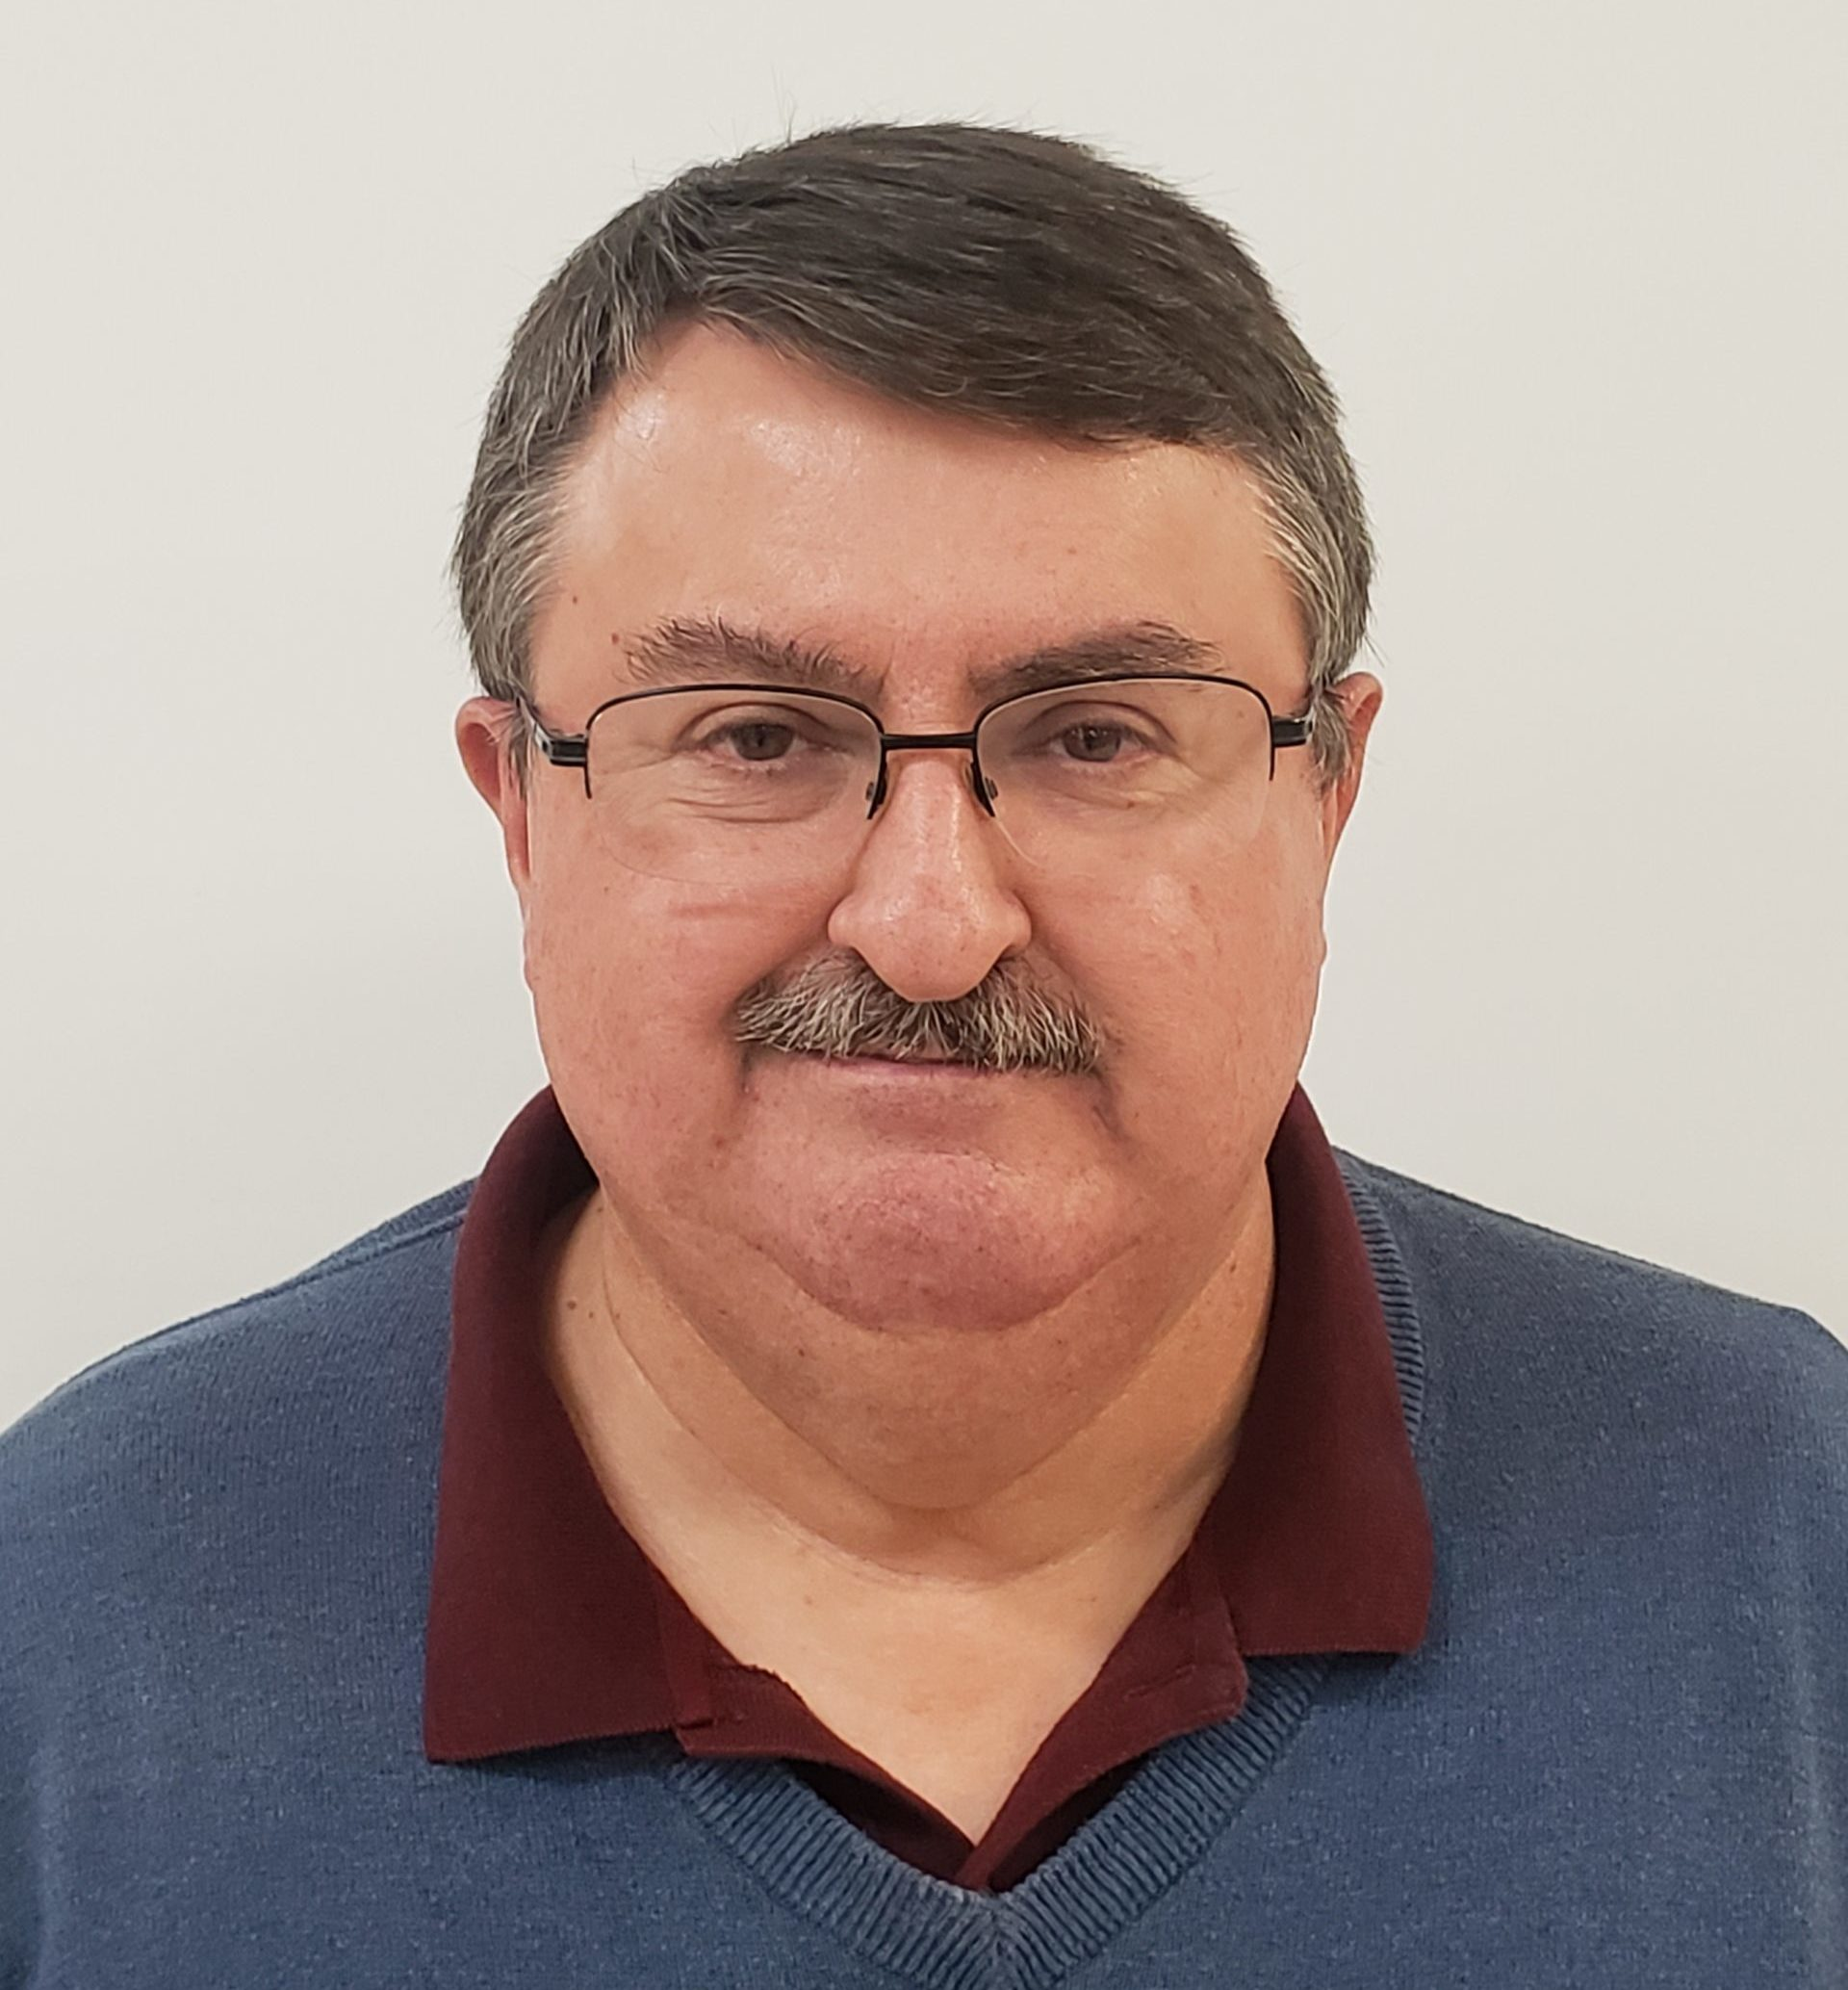 John Kulik